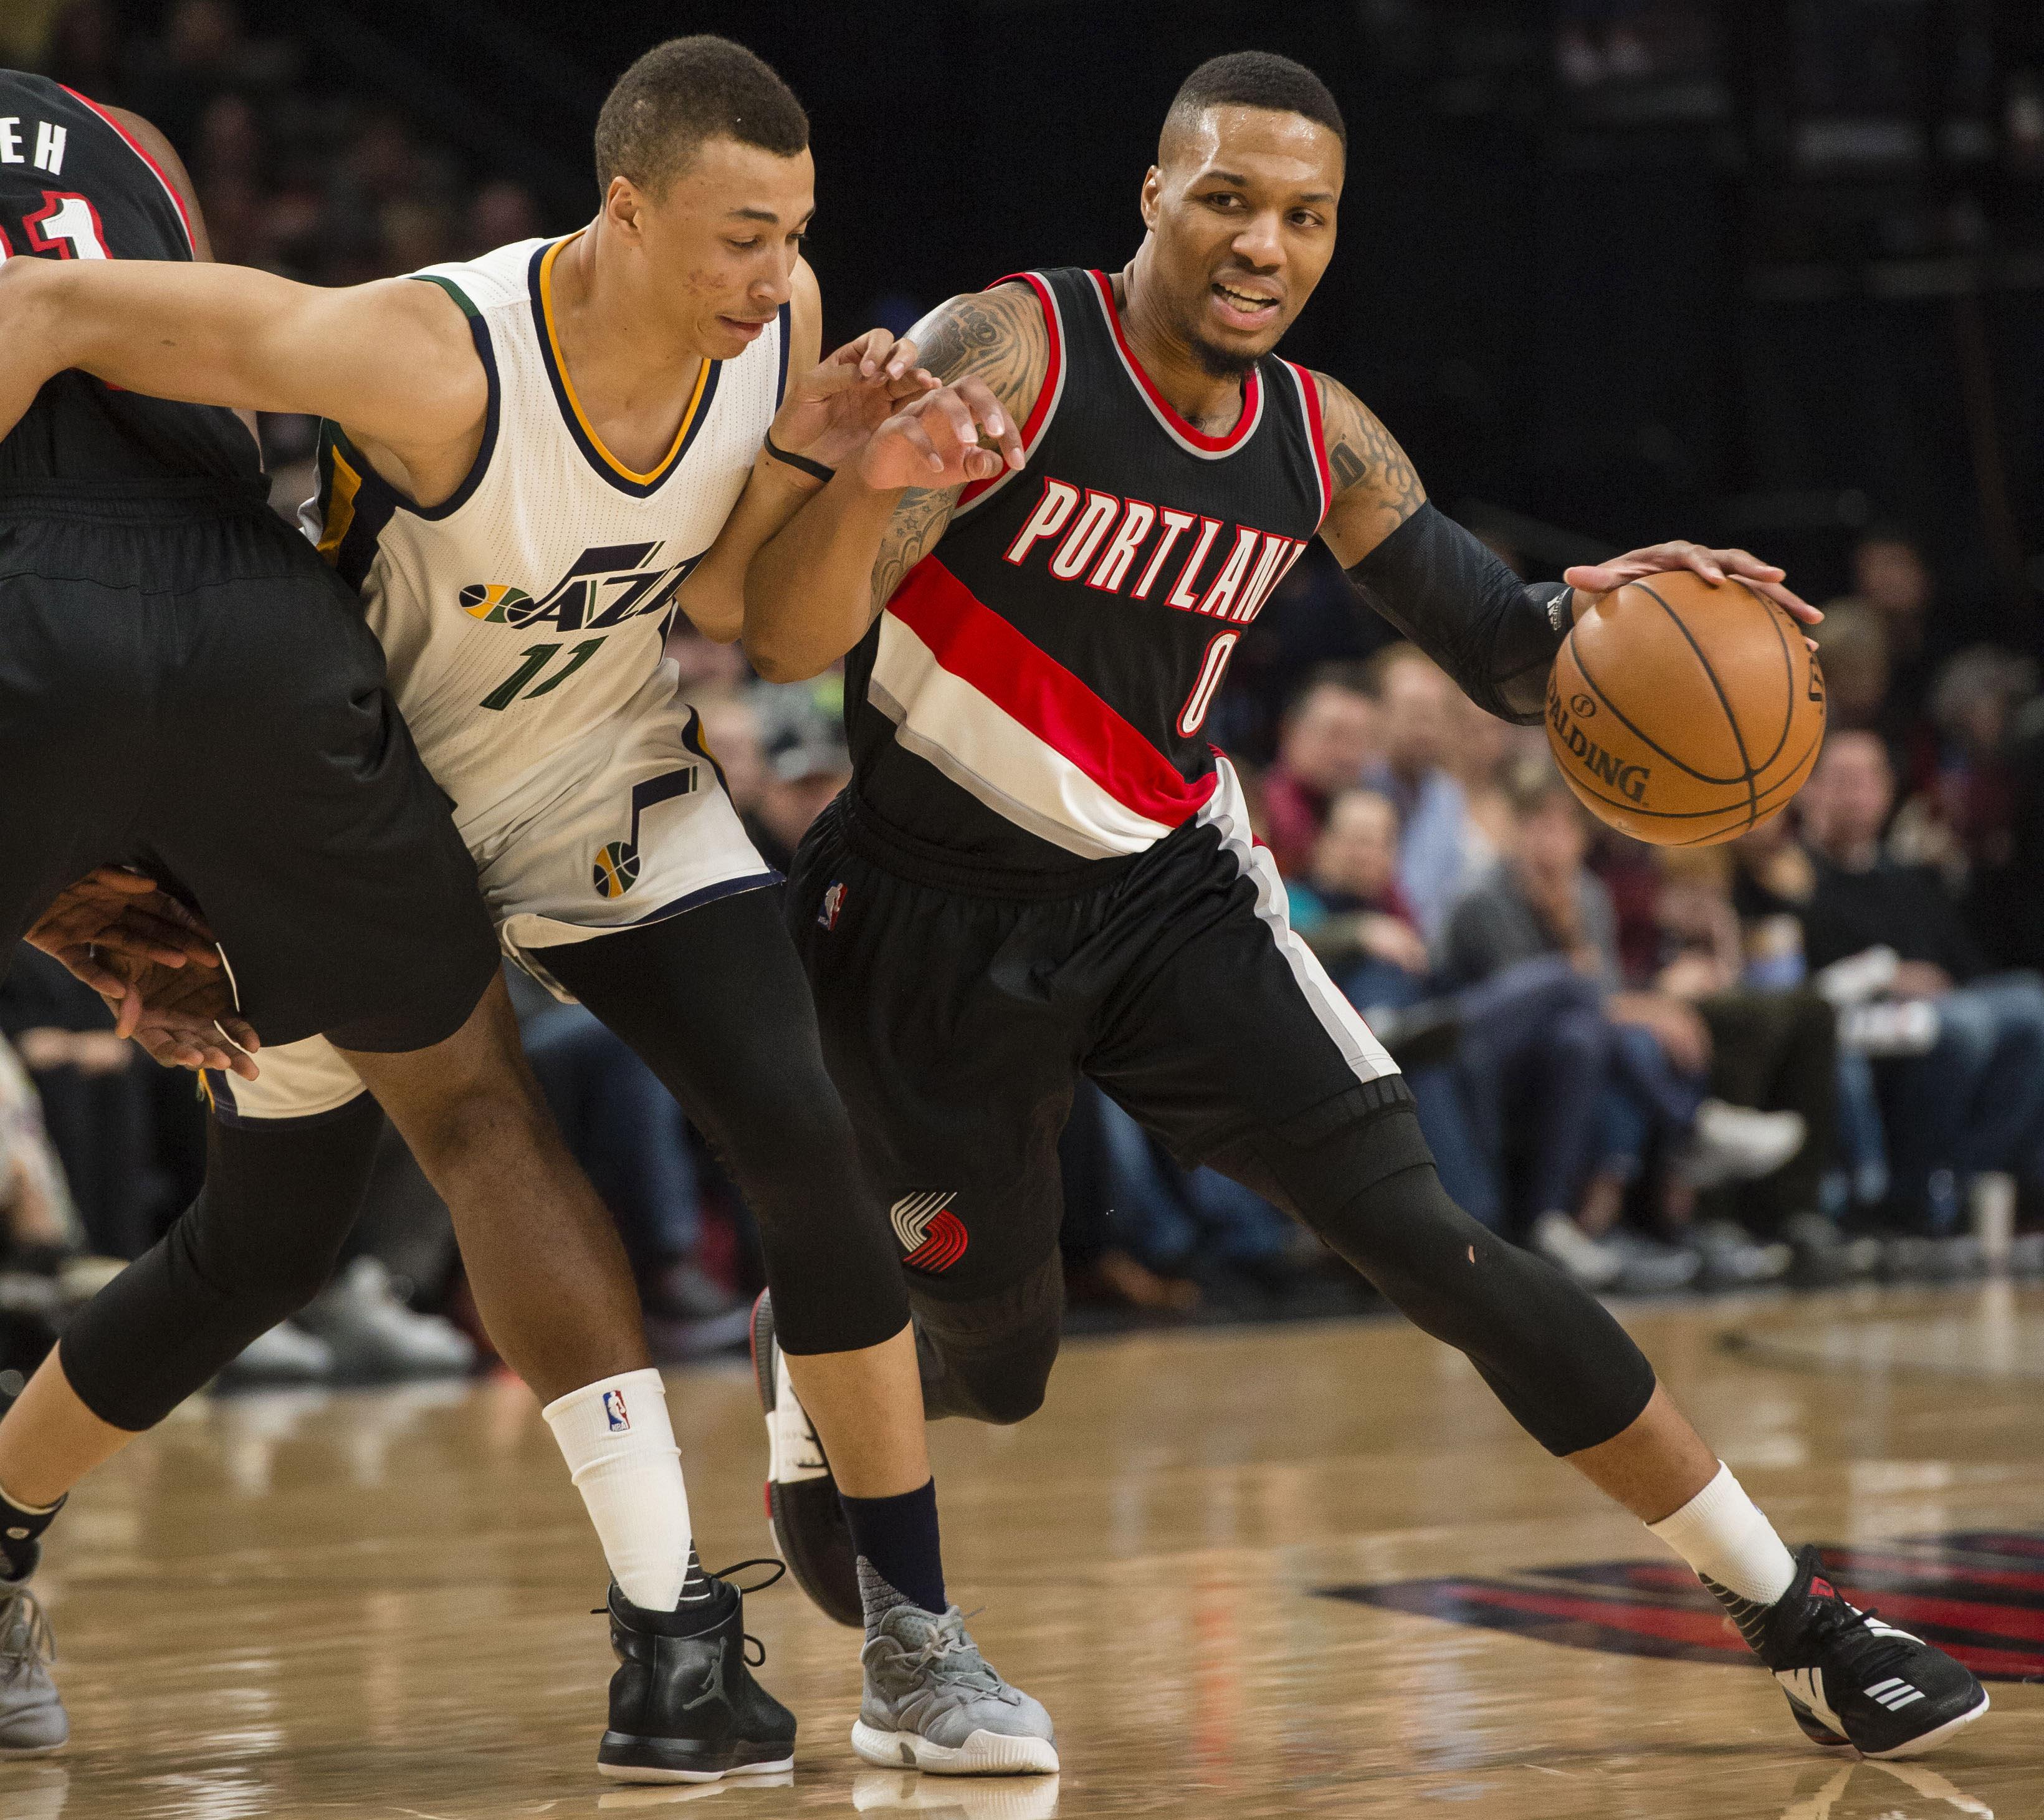 Portland Trail Blazers Espn Nba: Utah Jazz Scorched By Damian Lillard, Portland Trail Blazers